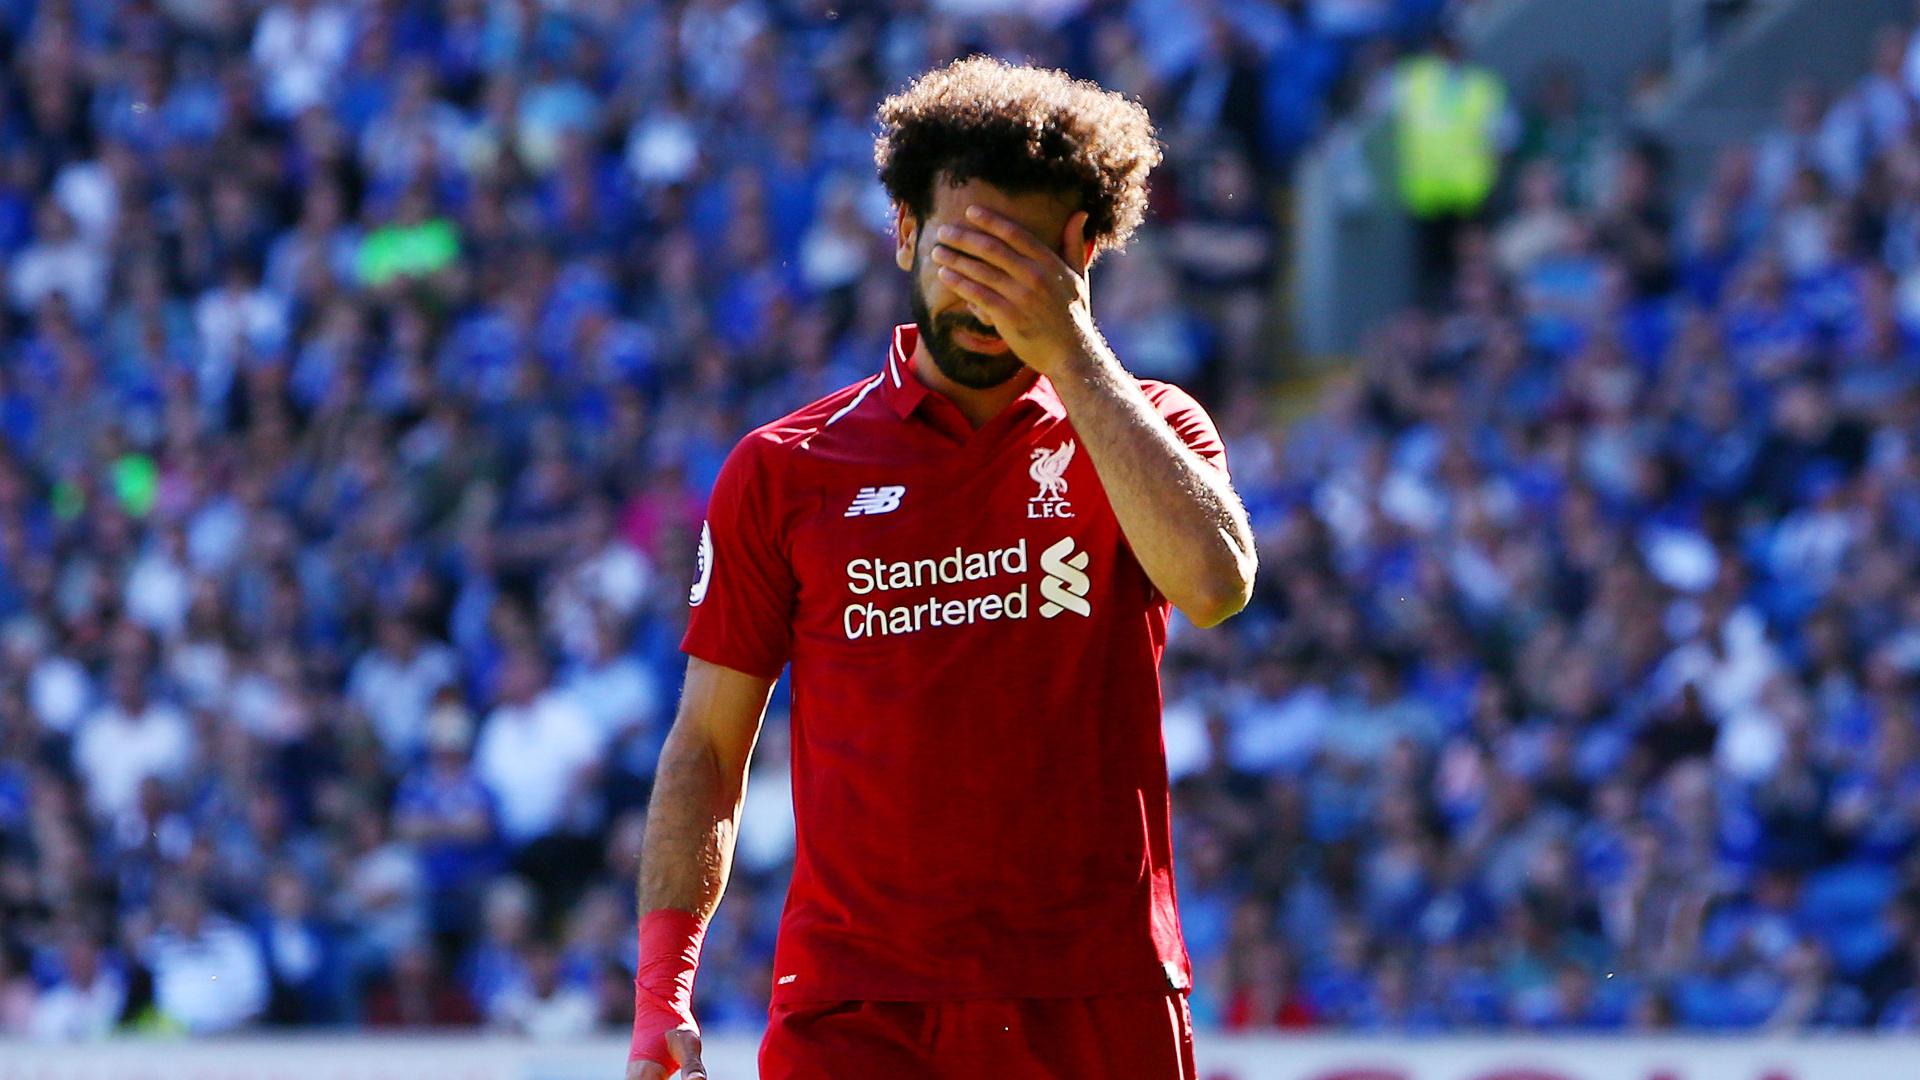 Foxtel to cut all Premier League coverage